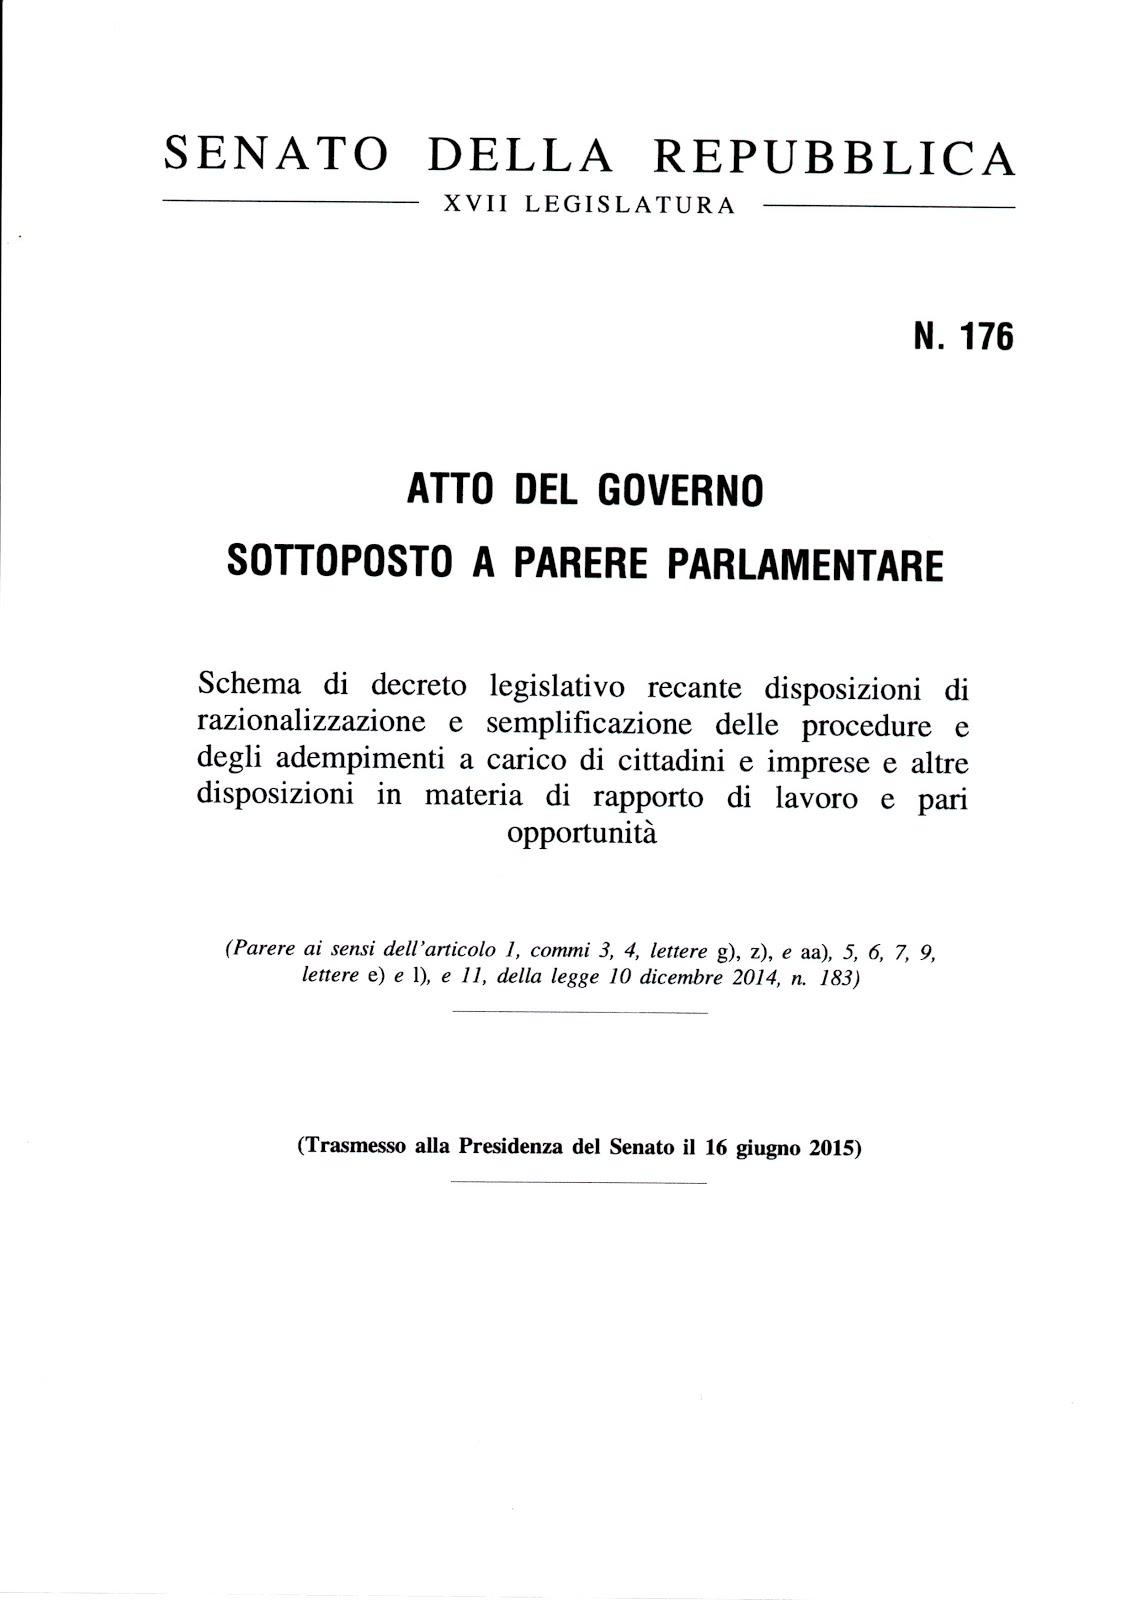 Schema di decreto legislativo n. 176